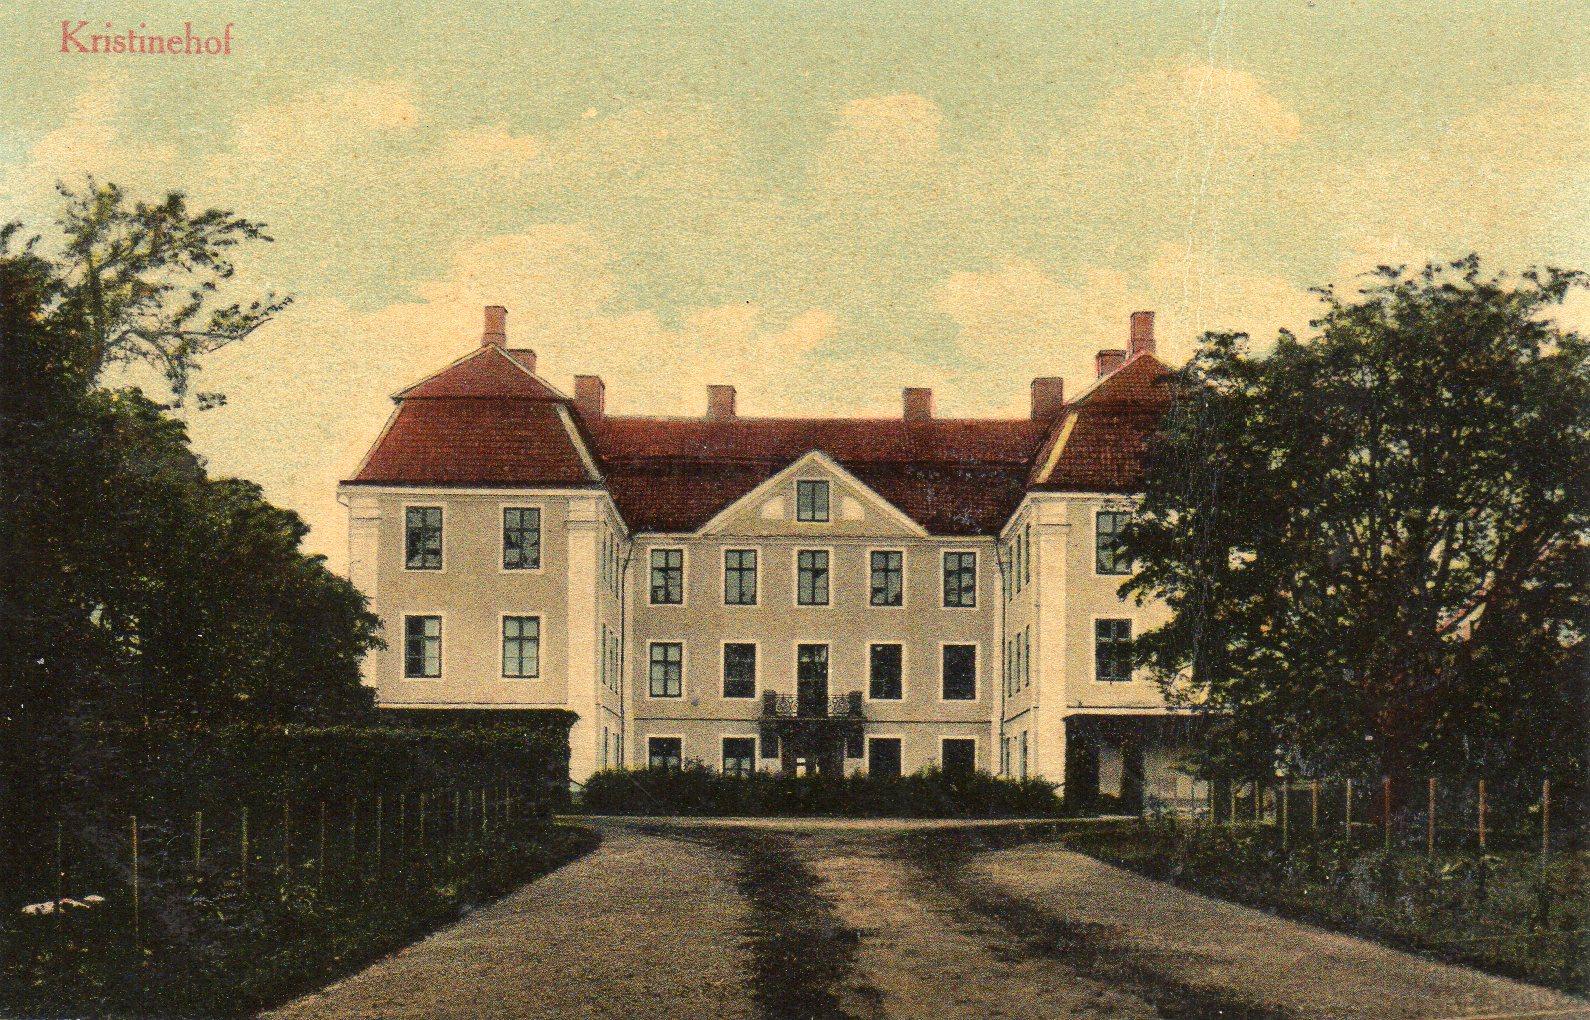 Christinehof slot